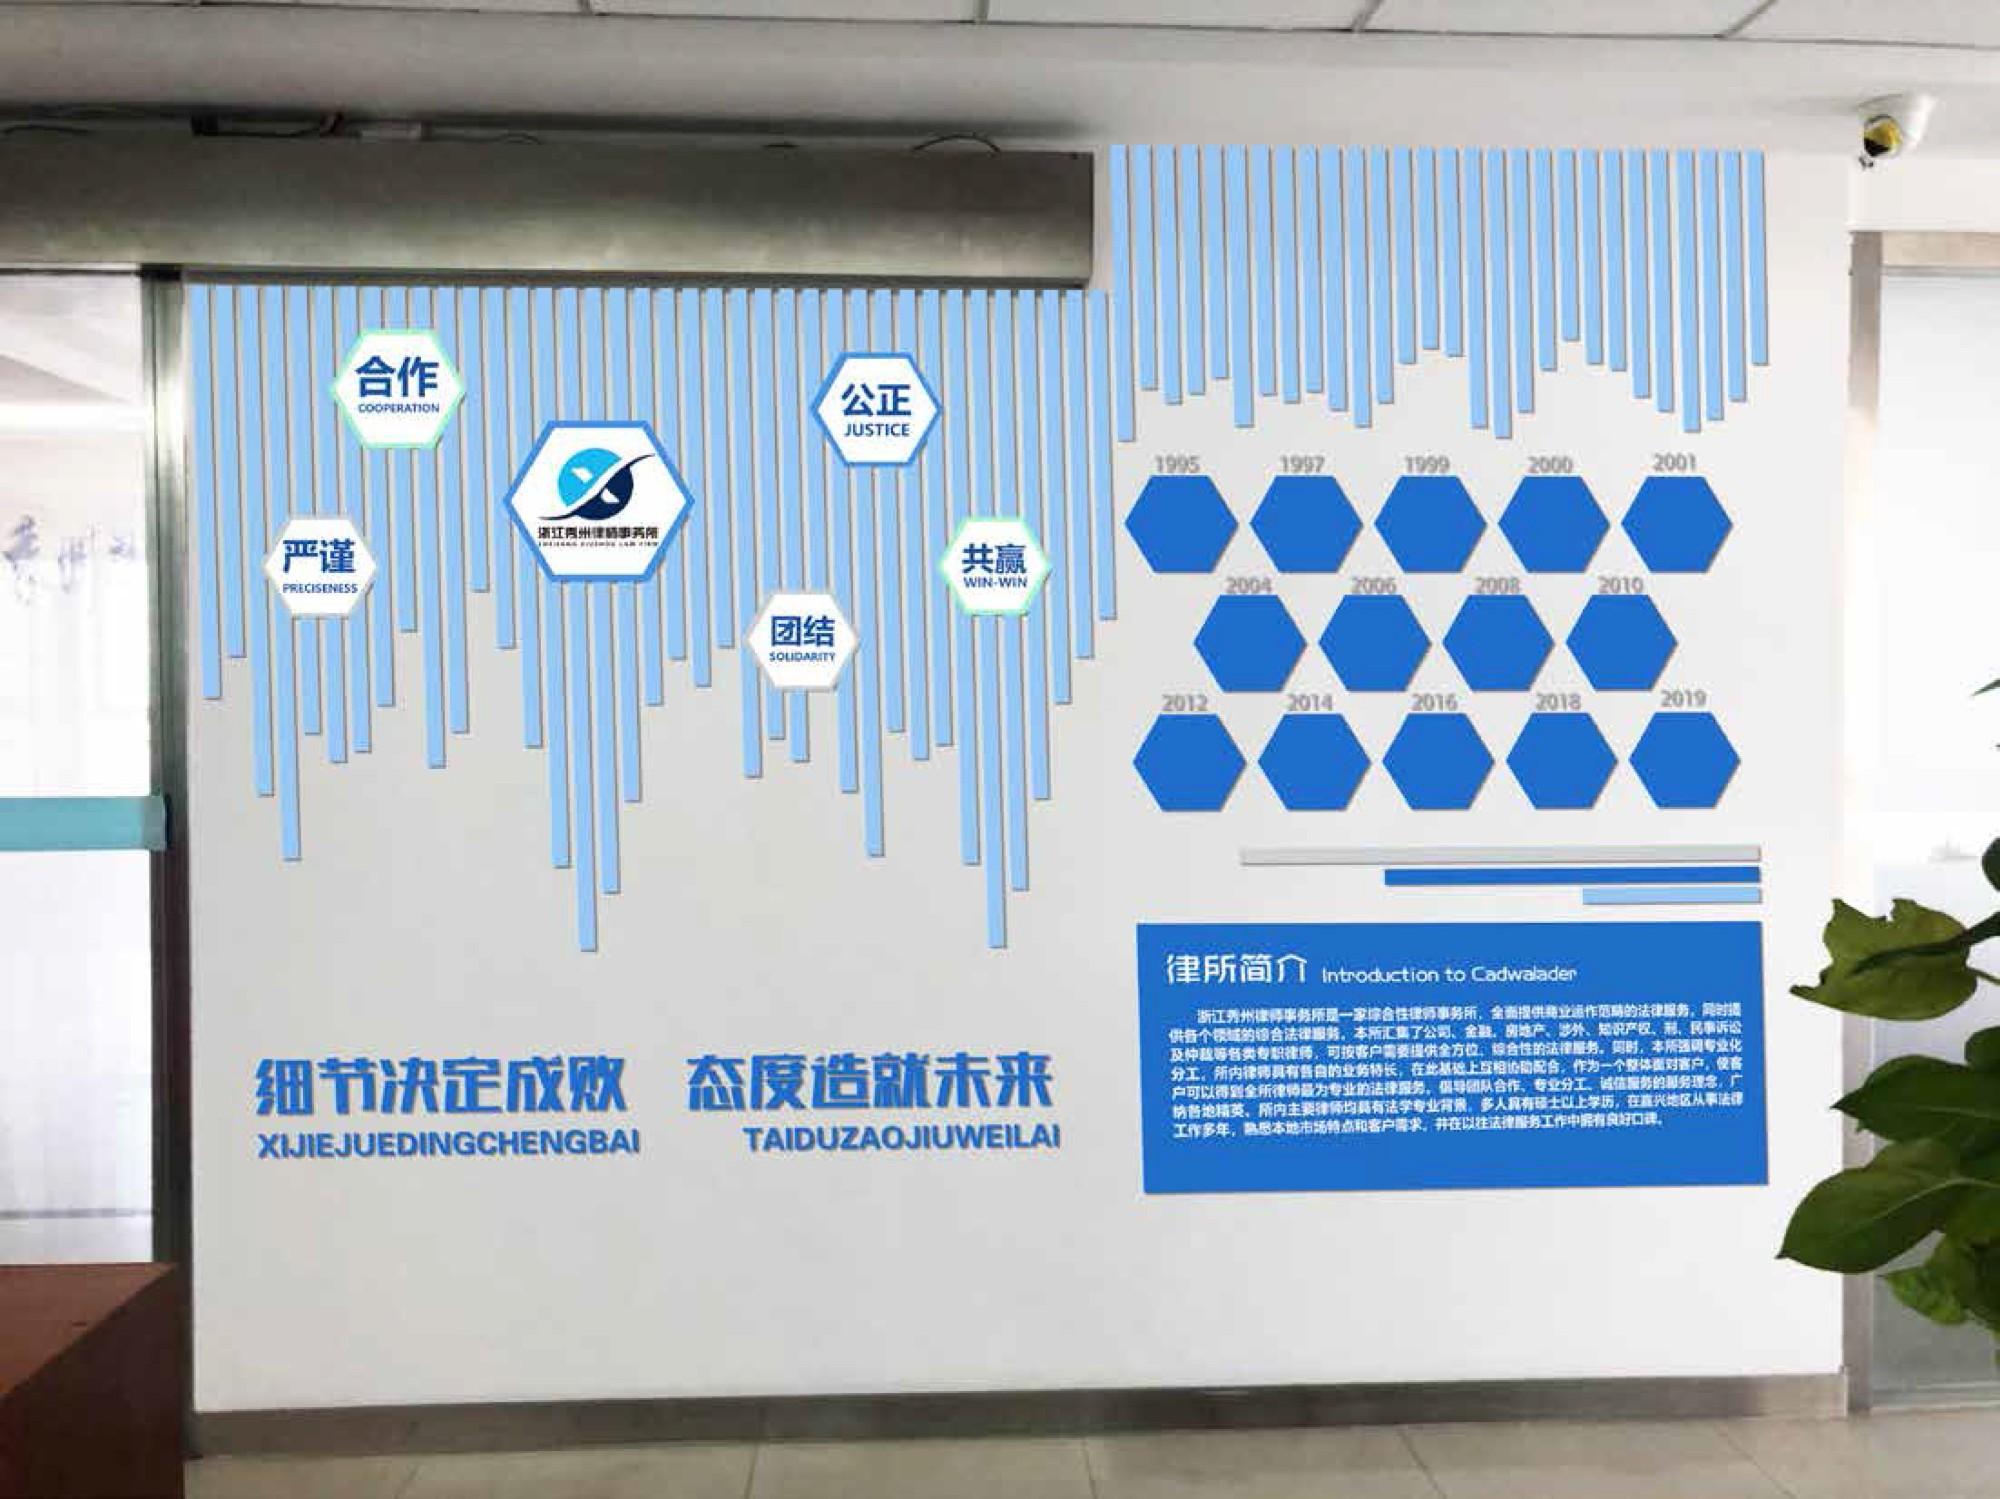 浙江秀州律师事务所文化墙设计